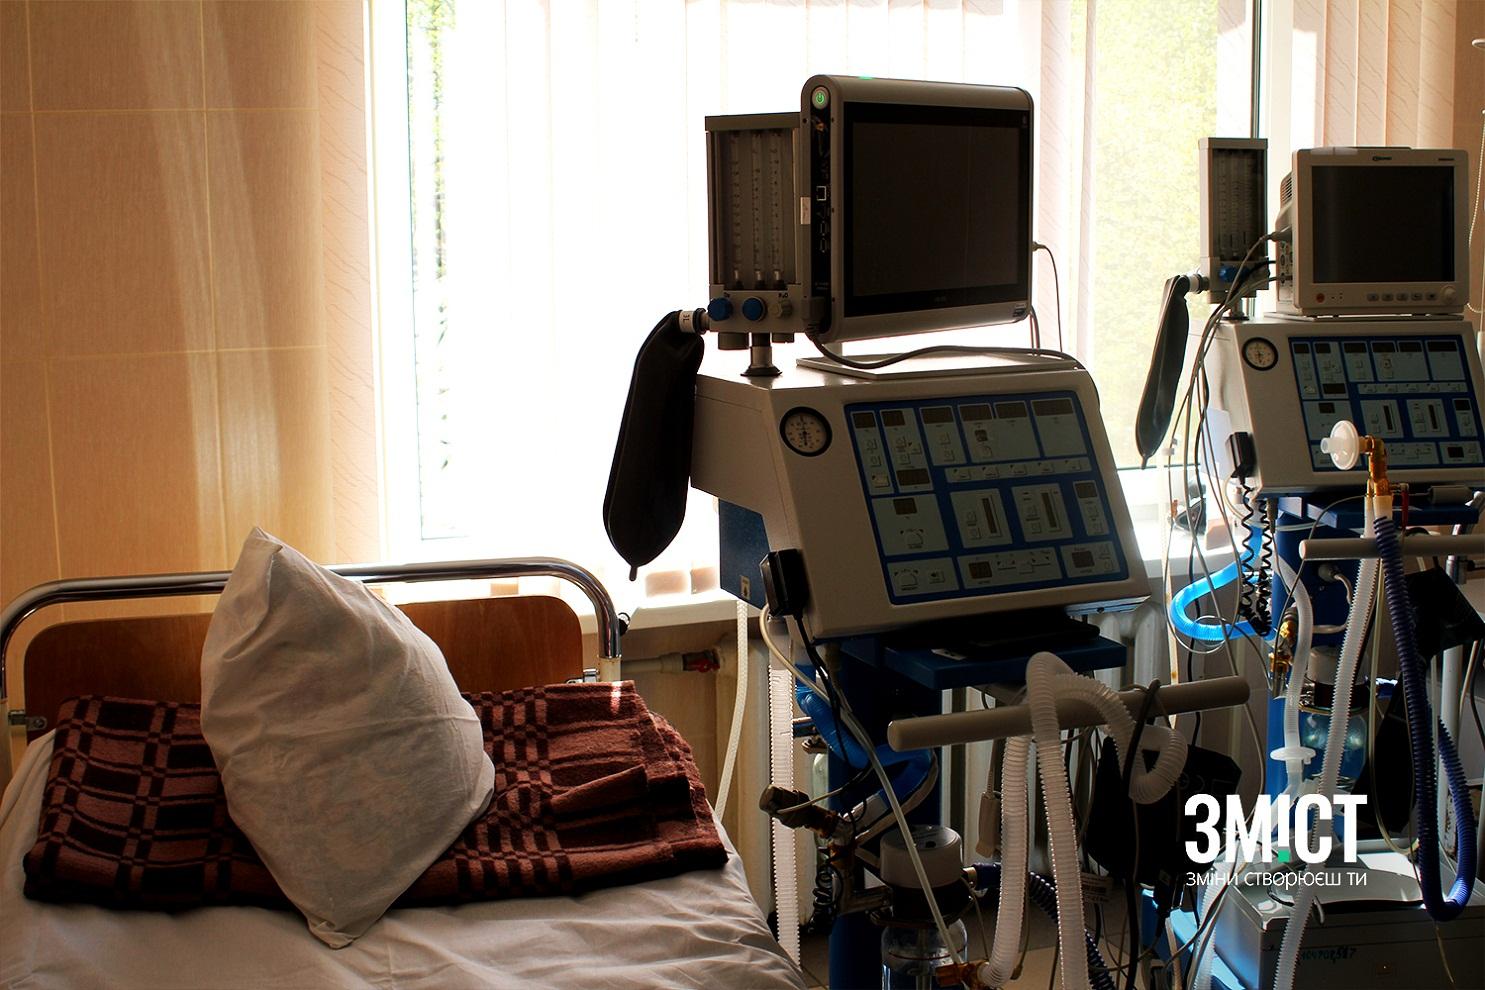 Лікарні Полтави мають понад 100 вільних ліжок для хворих на коронавірус